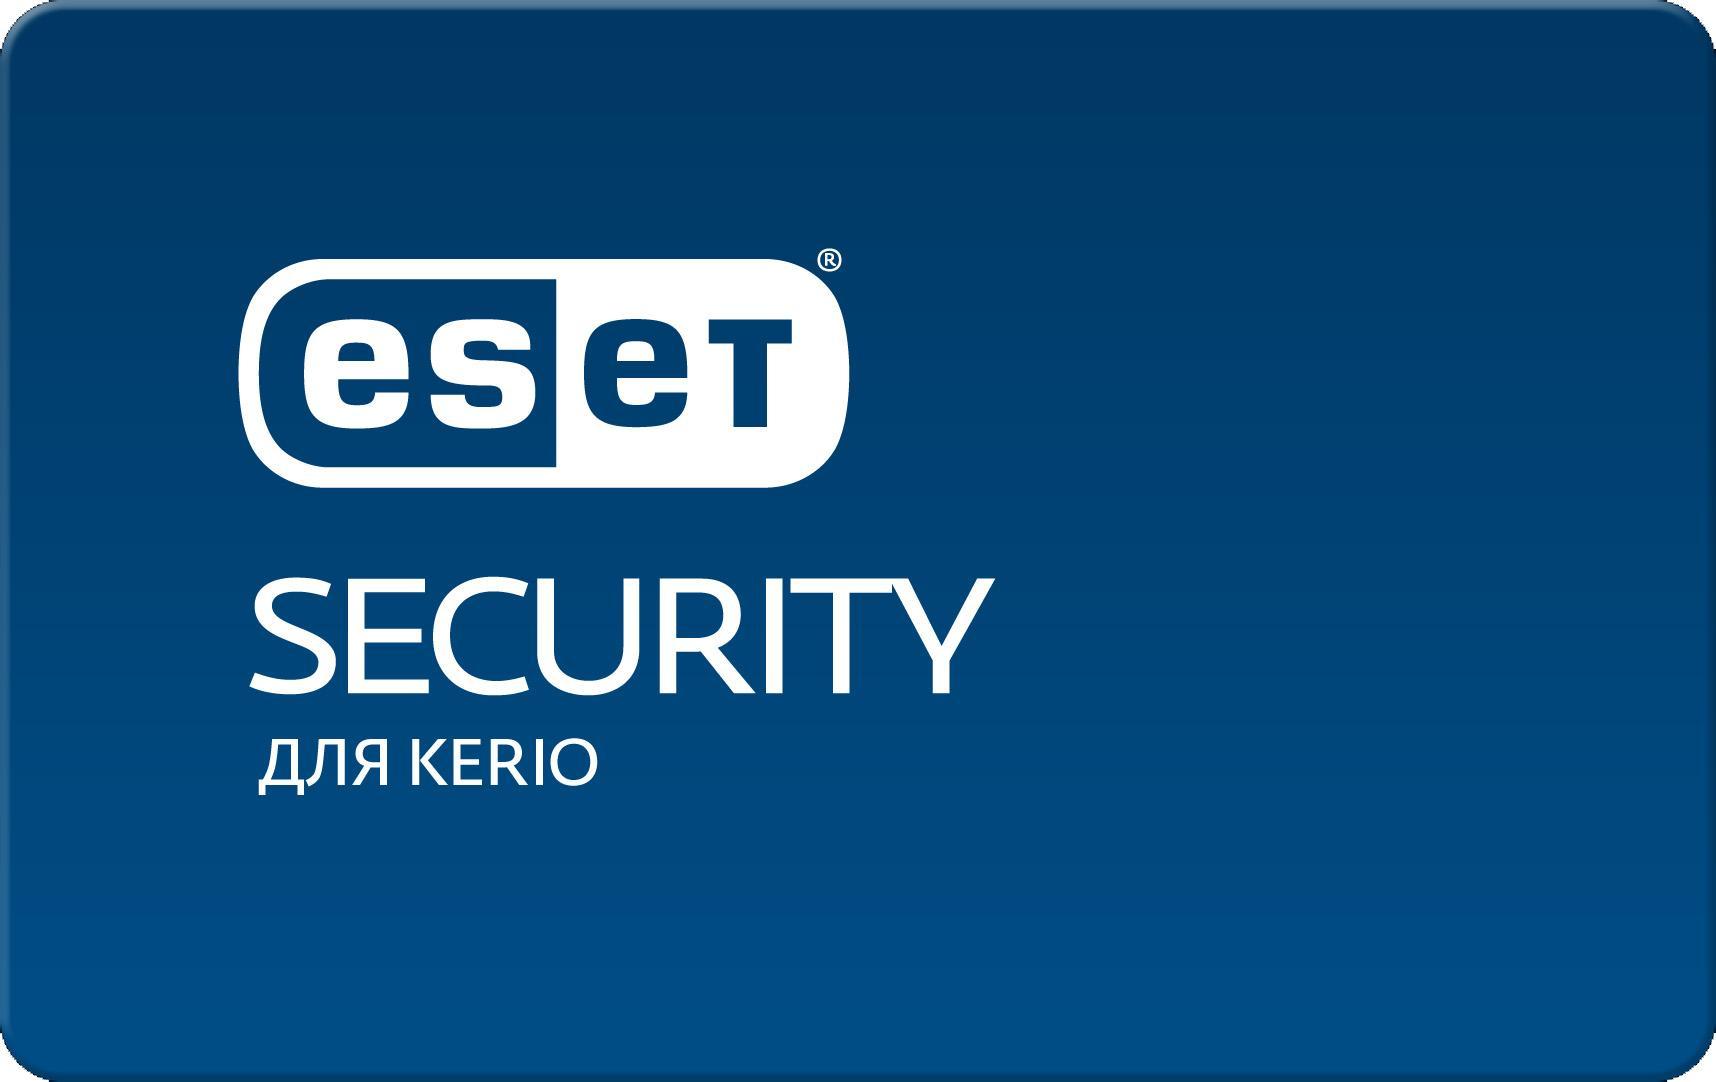 Защита почтовых серверов и интернет-шлюзов Eset Security для Kerio  для 150 пользователей